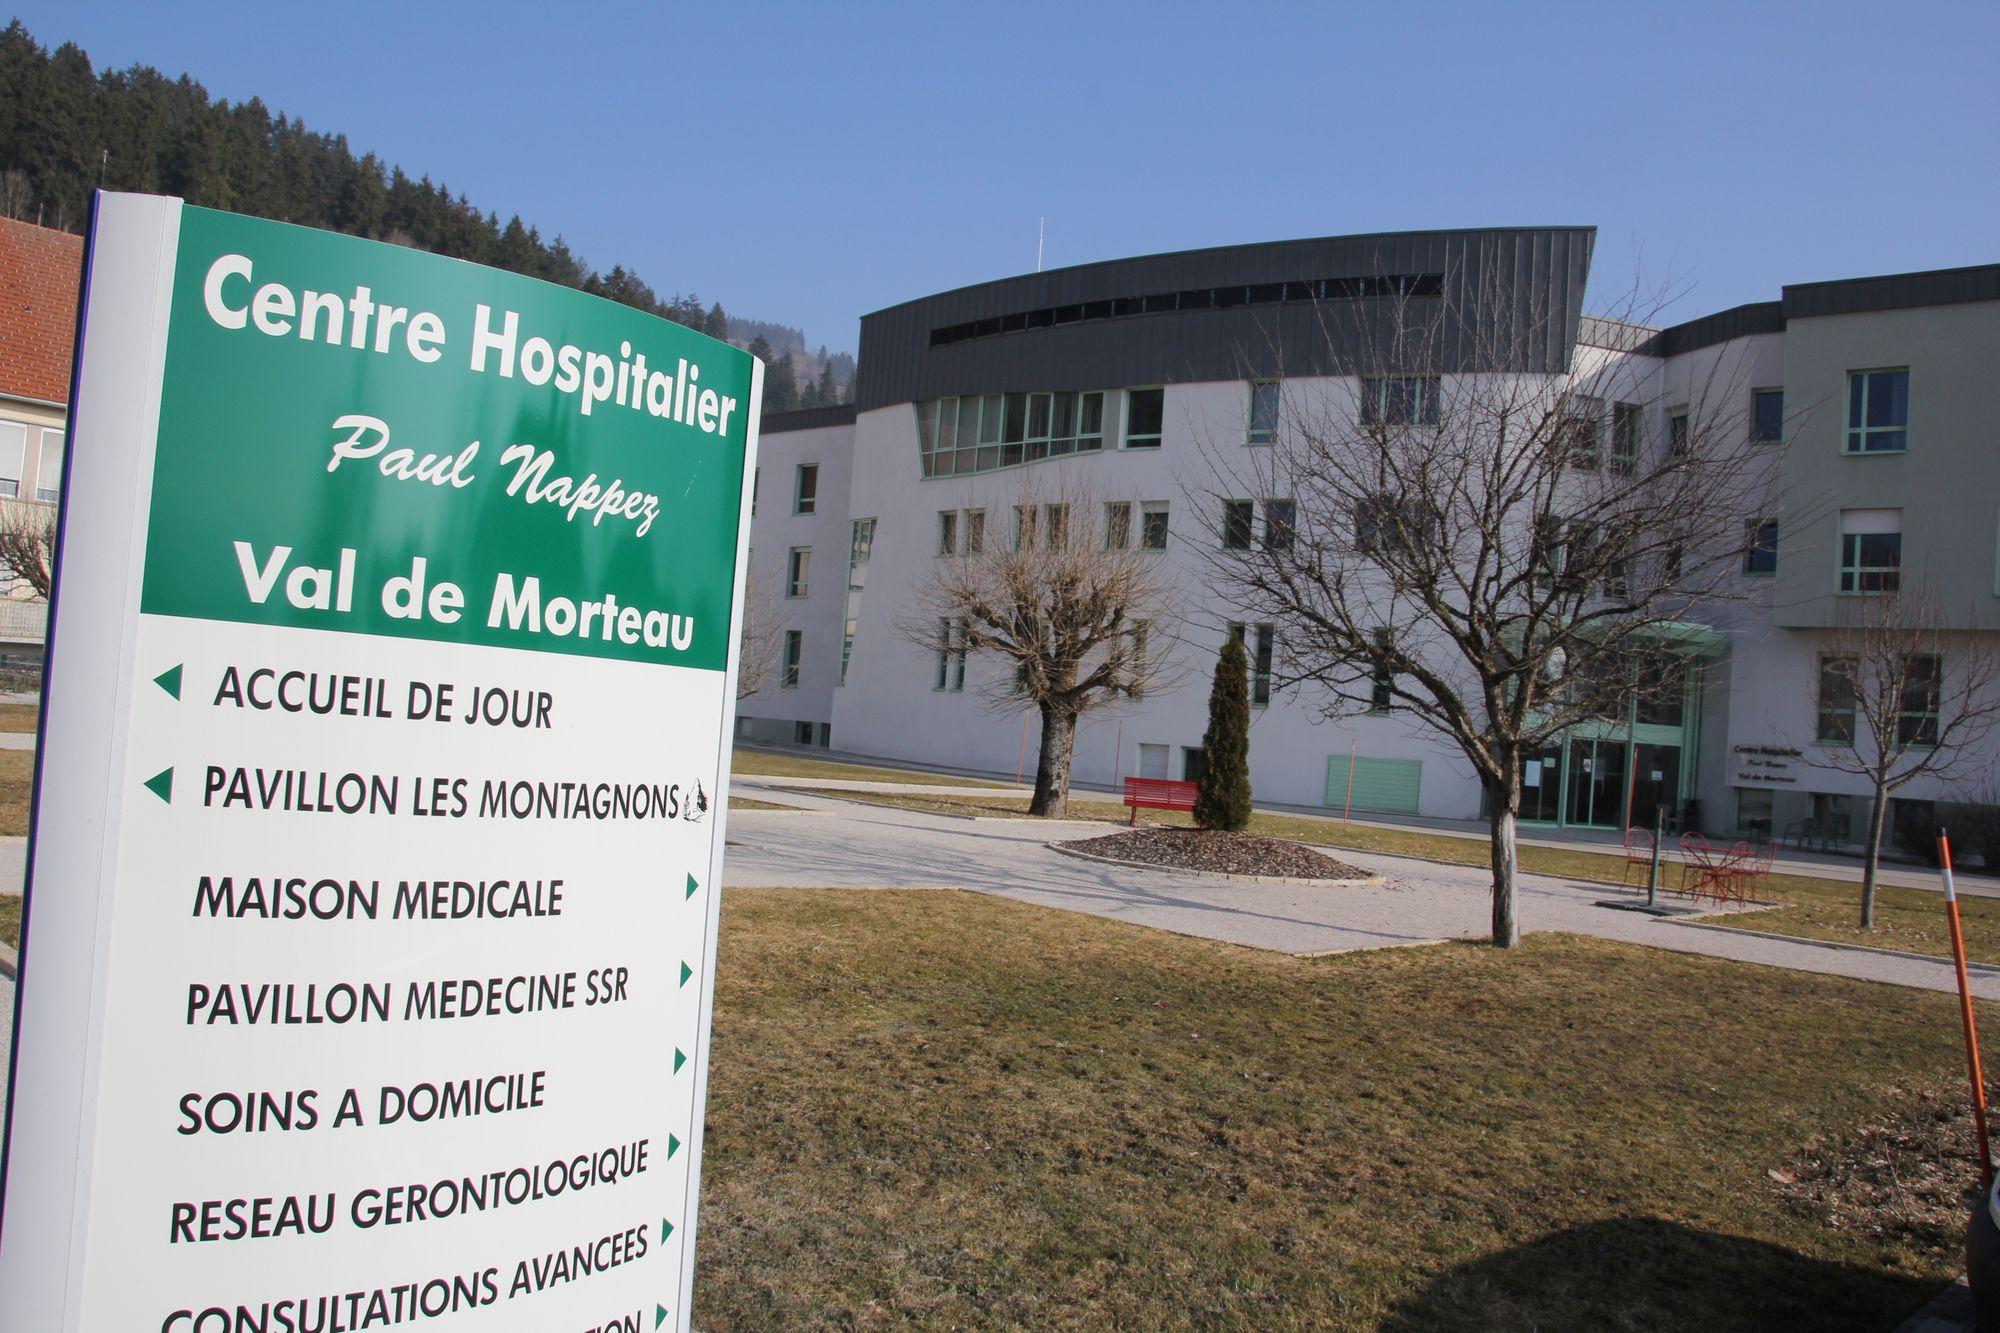 Les visites à l'EHPAD de Morteau bientôt autorisées